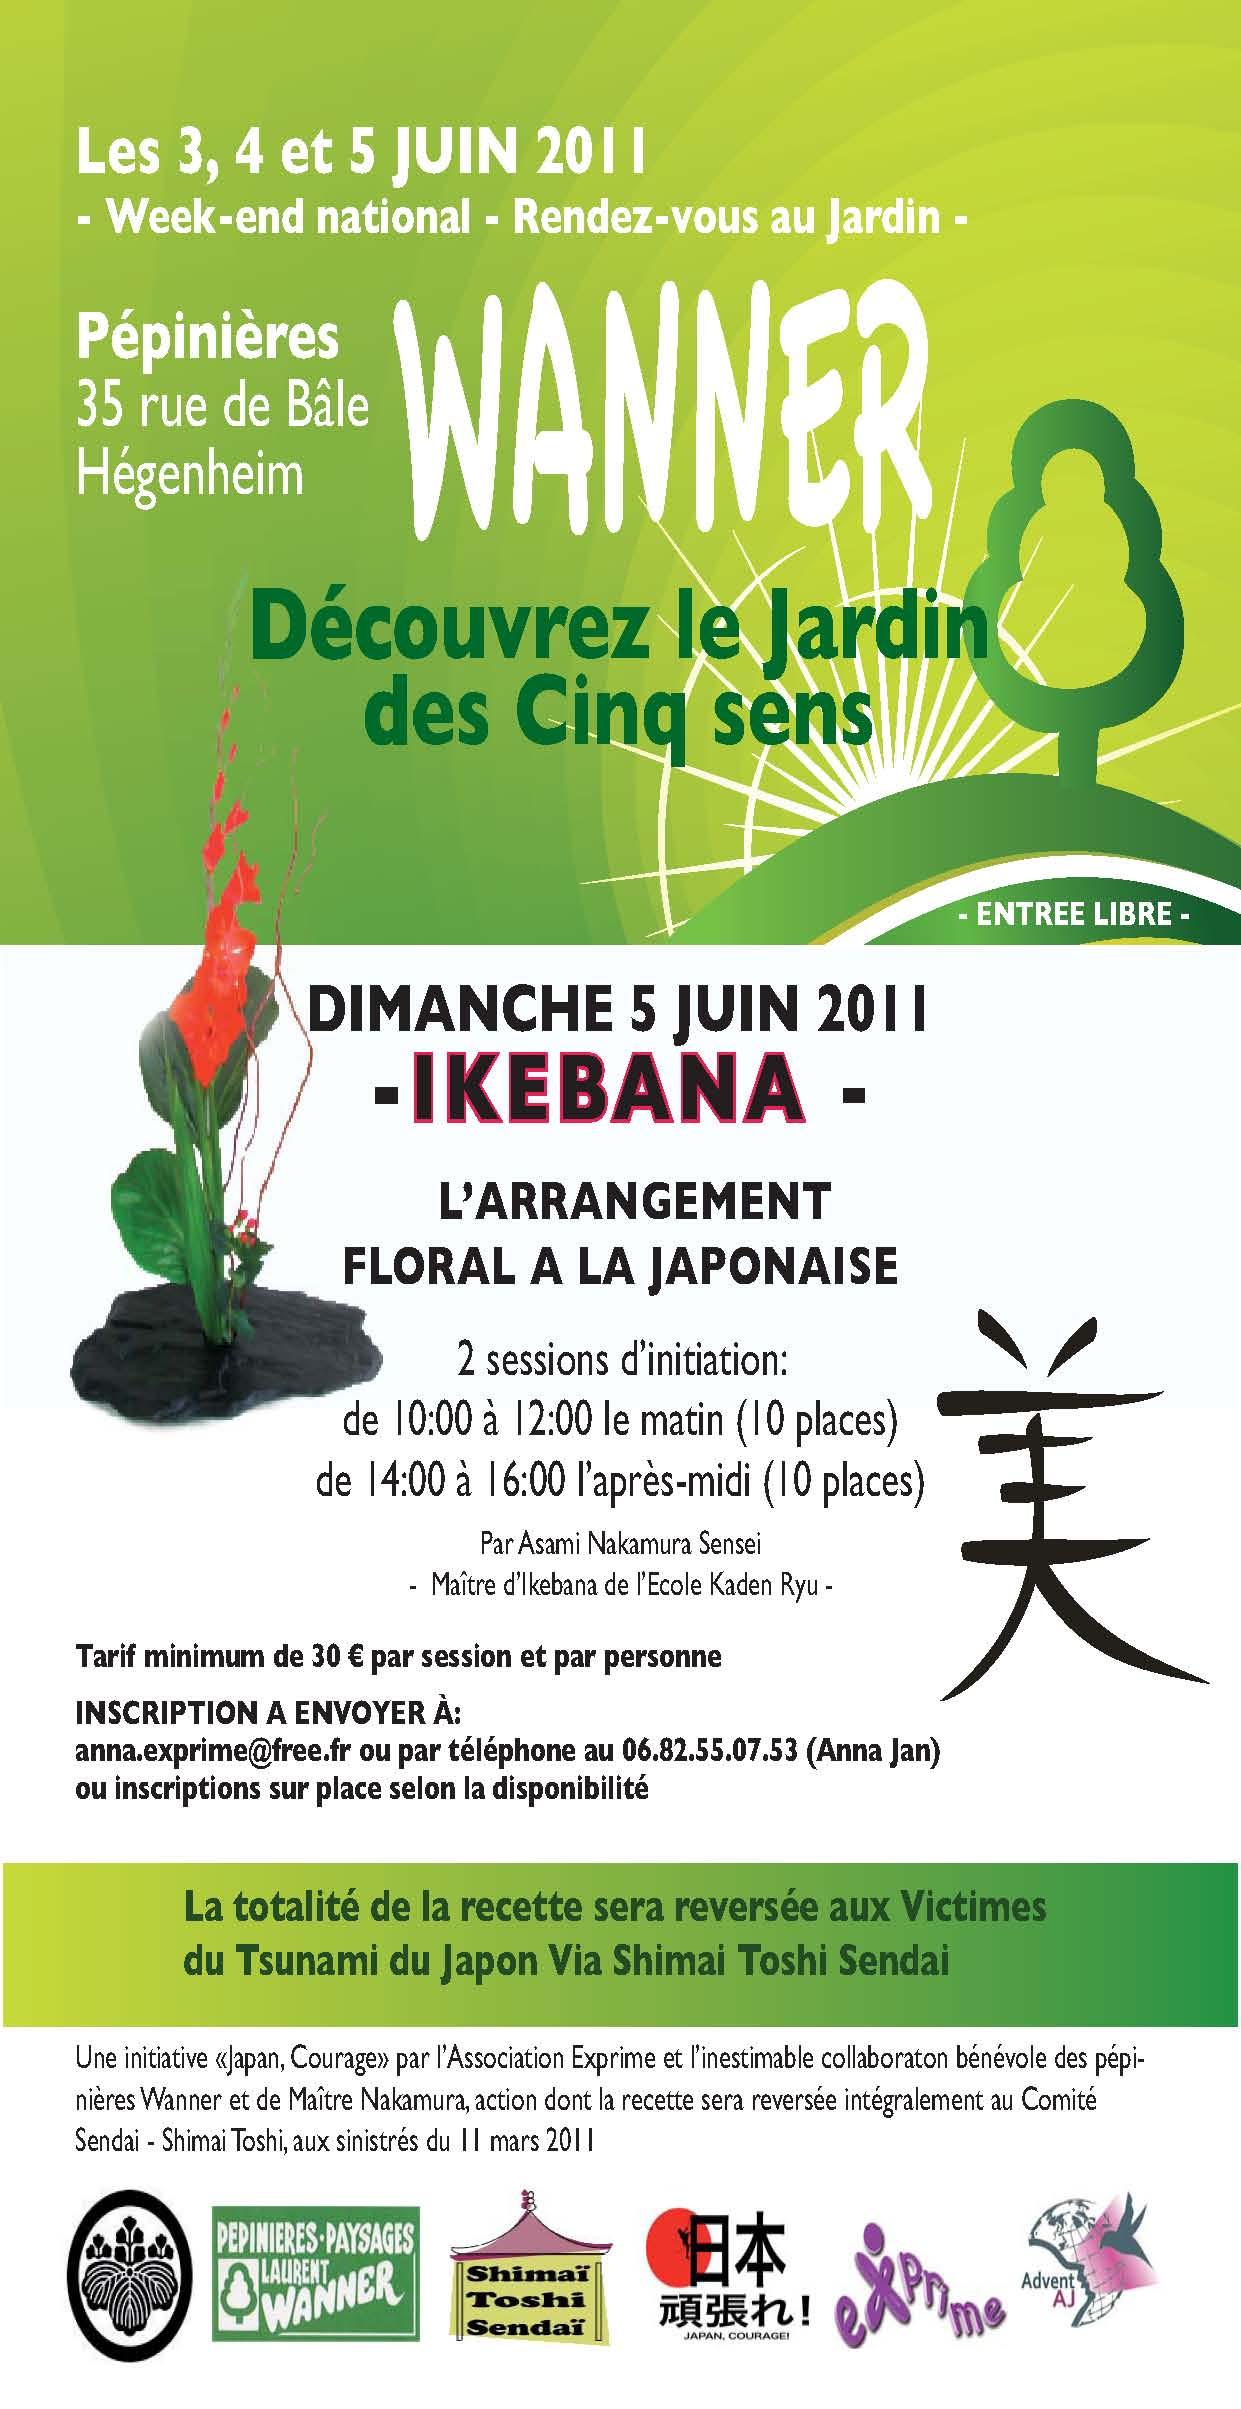 Le Jardin des Cinq Sens - Journée Ikebana à Wanner